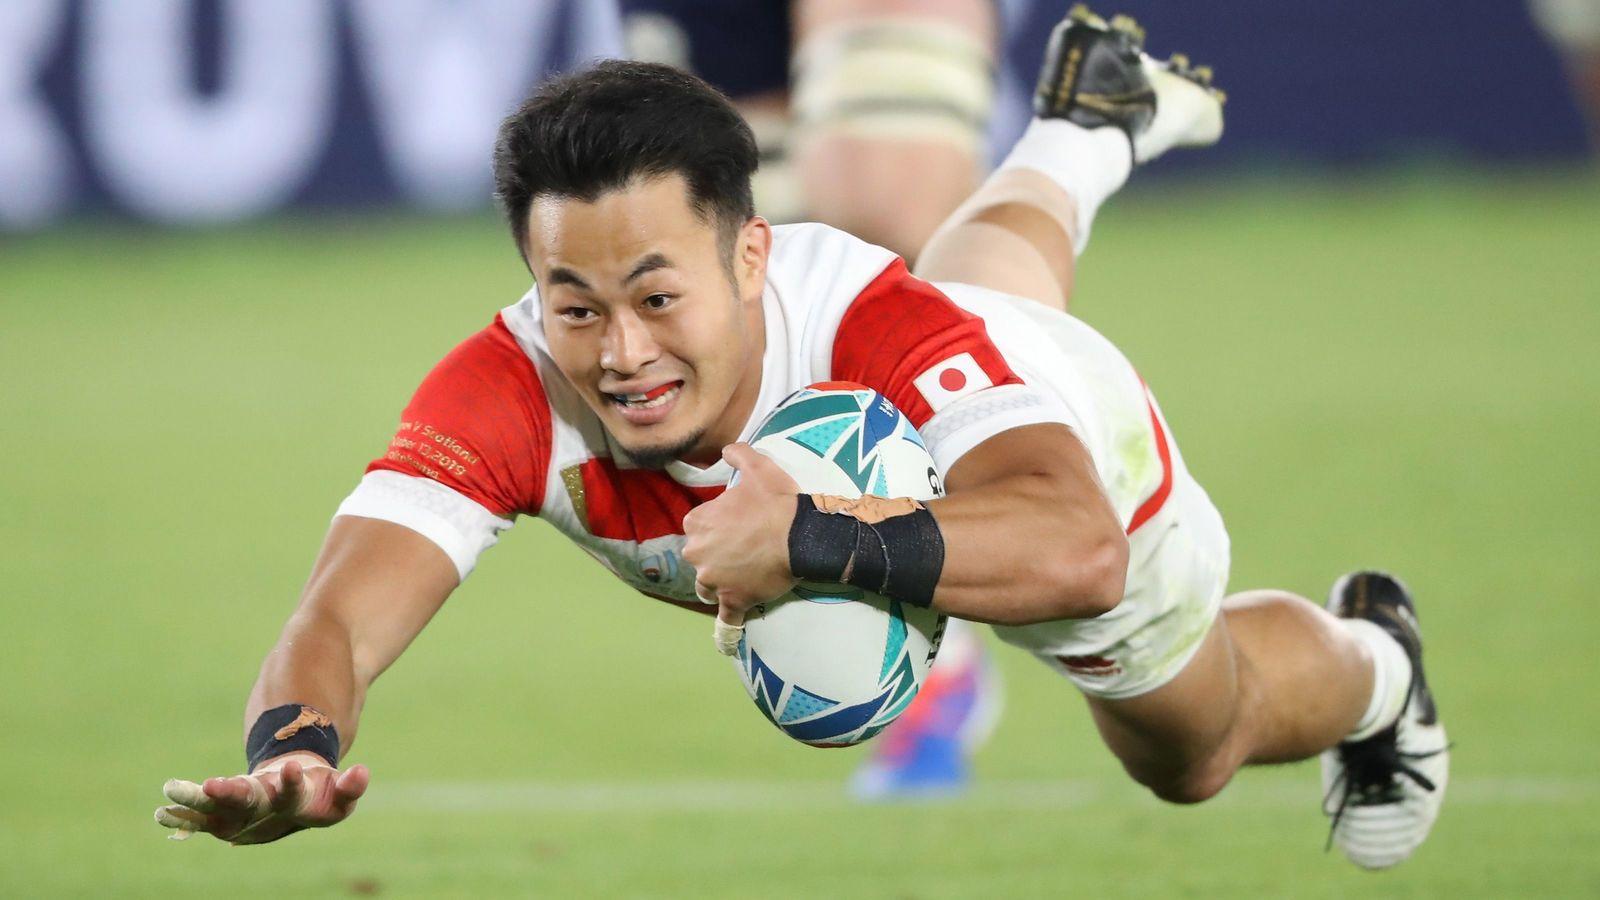 ラグビーW杯南ア戦「日本に分あり」の数的根拠 両チームの体格を徹底分析した結論